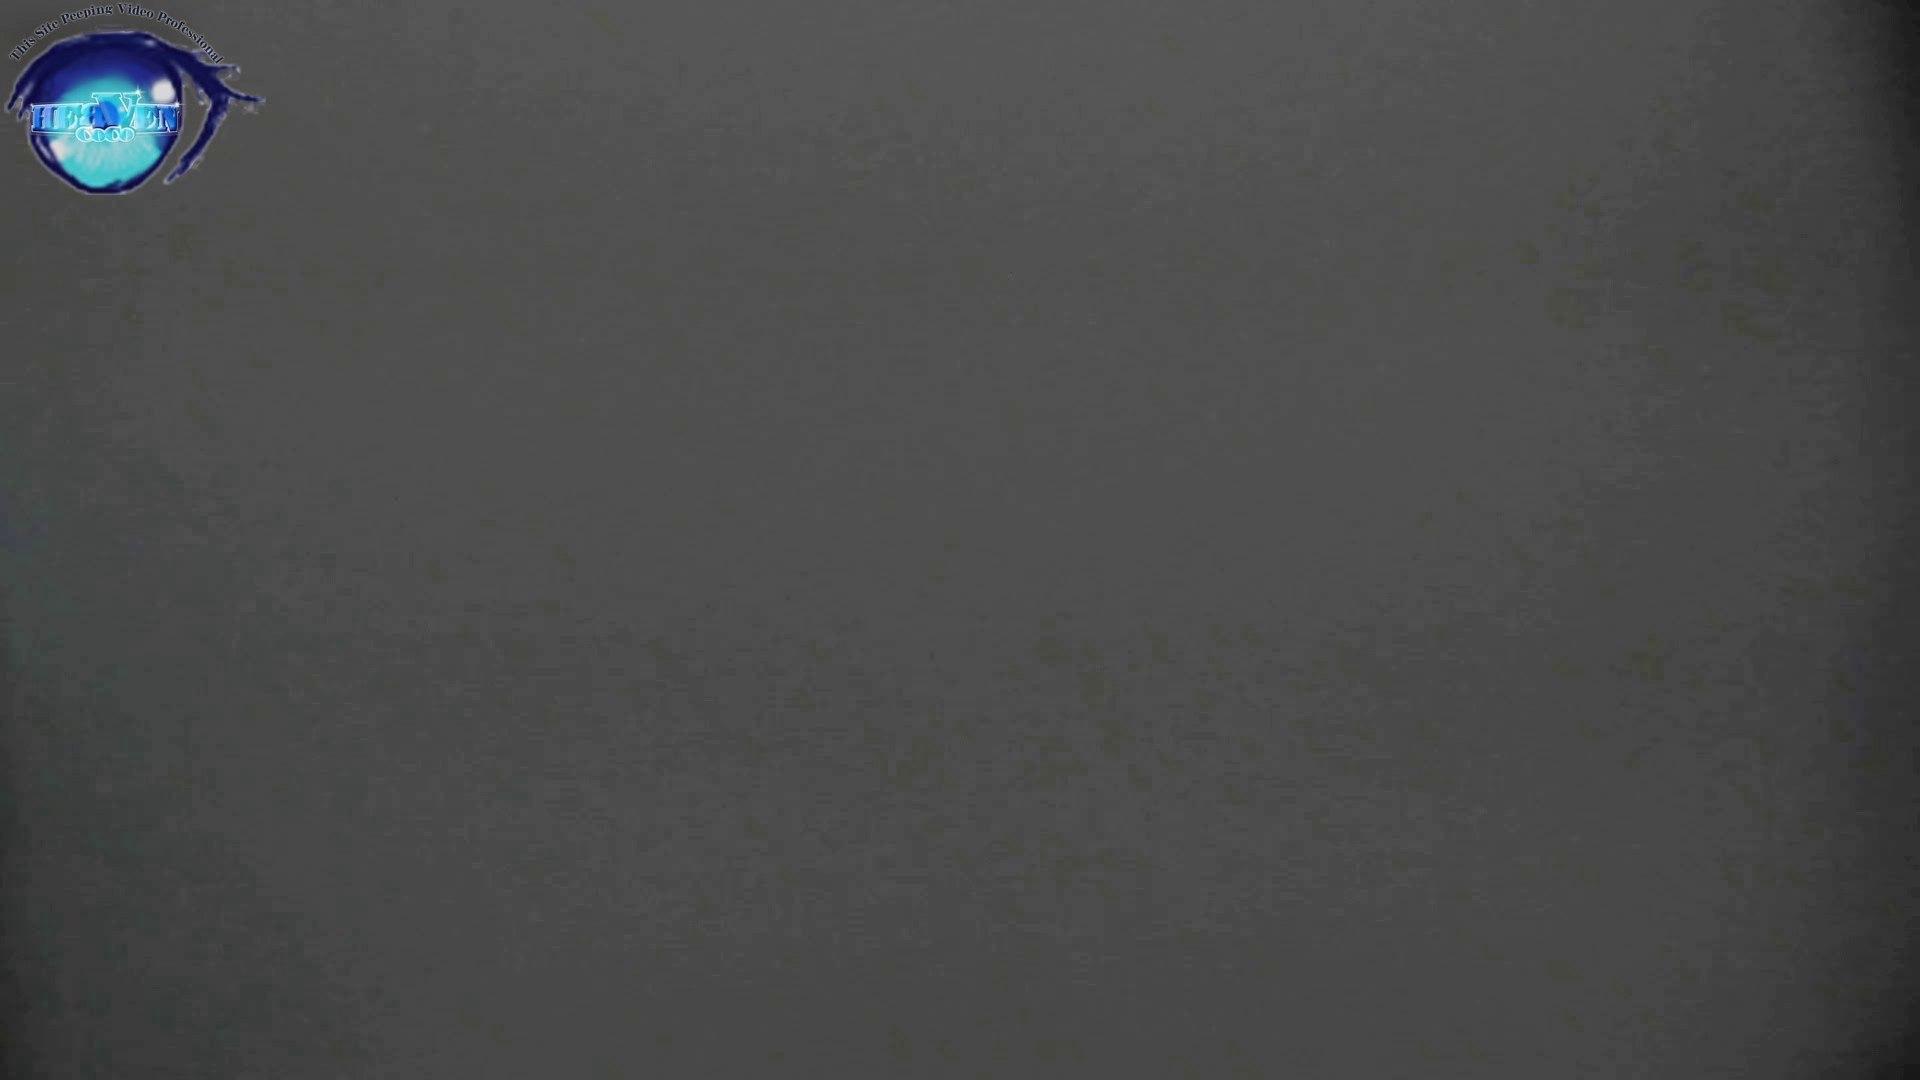 お銀さん vol.59 ピンチ!!「鏡の前で祈る女性」にばれる危機 前編 OLセックス   0  86画像 61